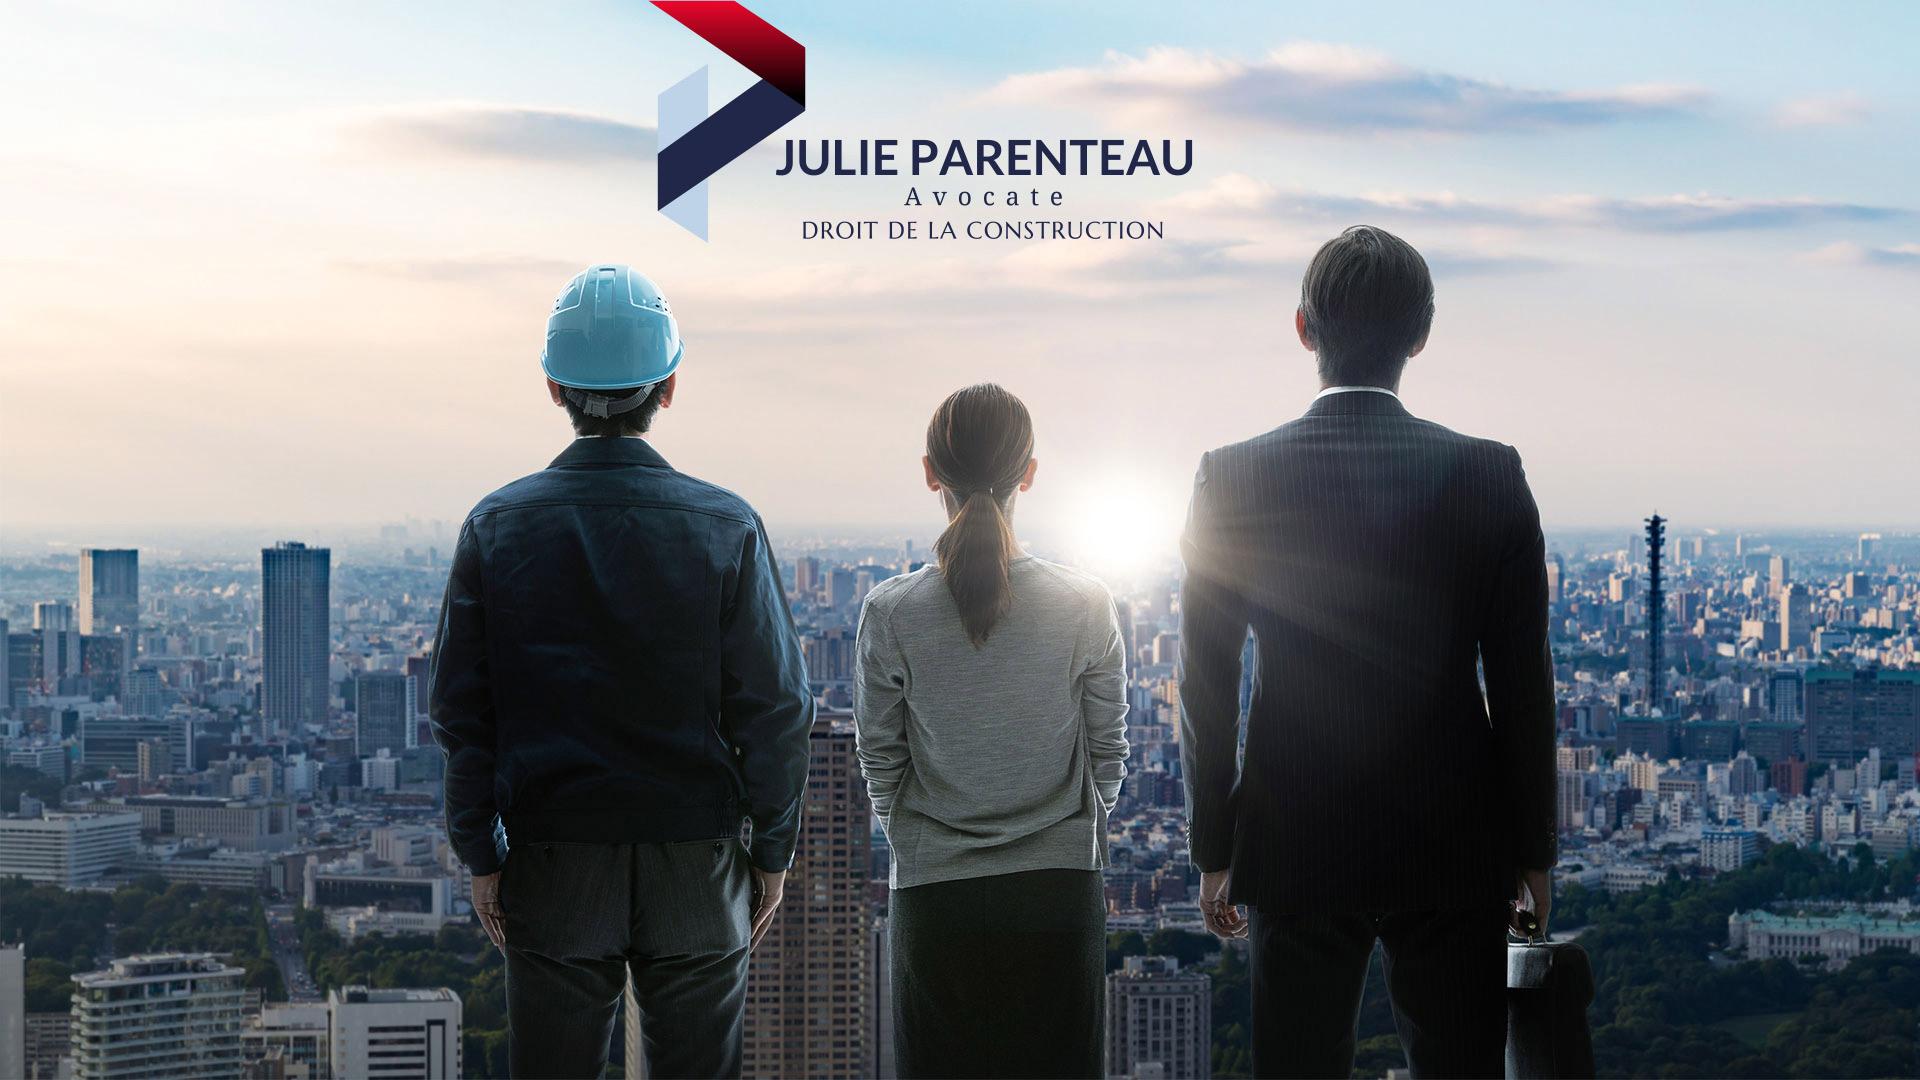 Julie Parenteau Droit de la Construction spécialiste